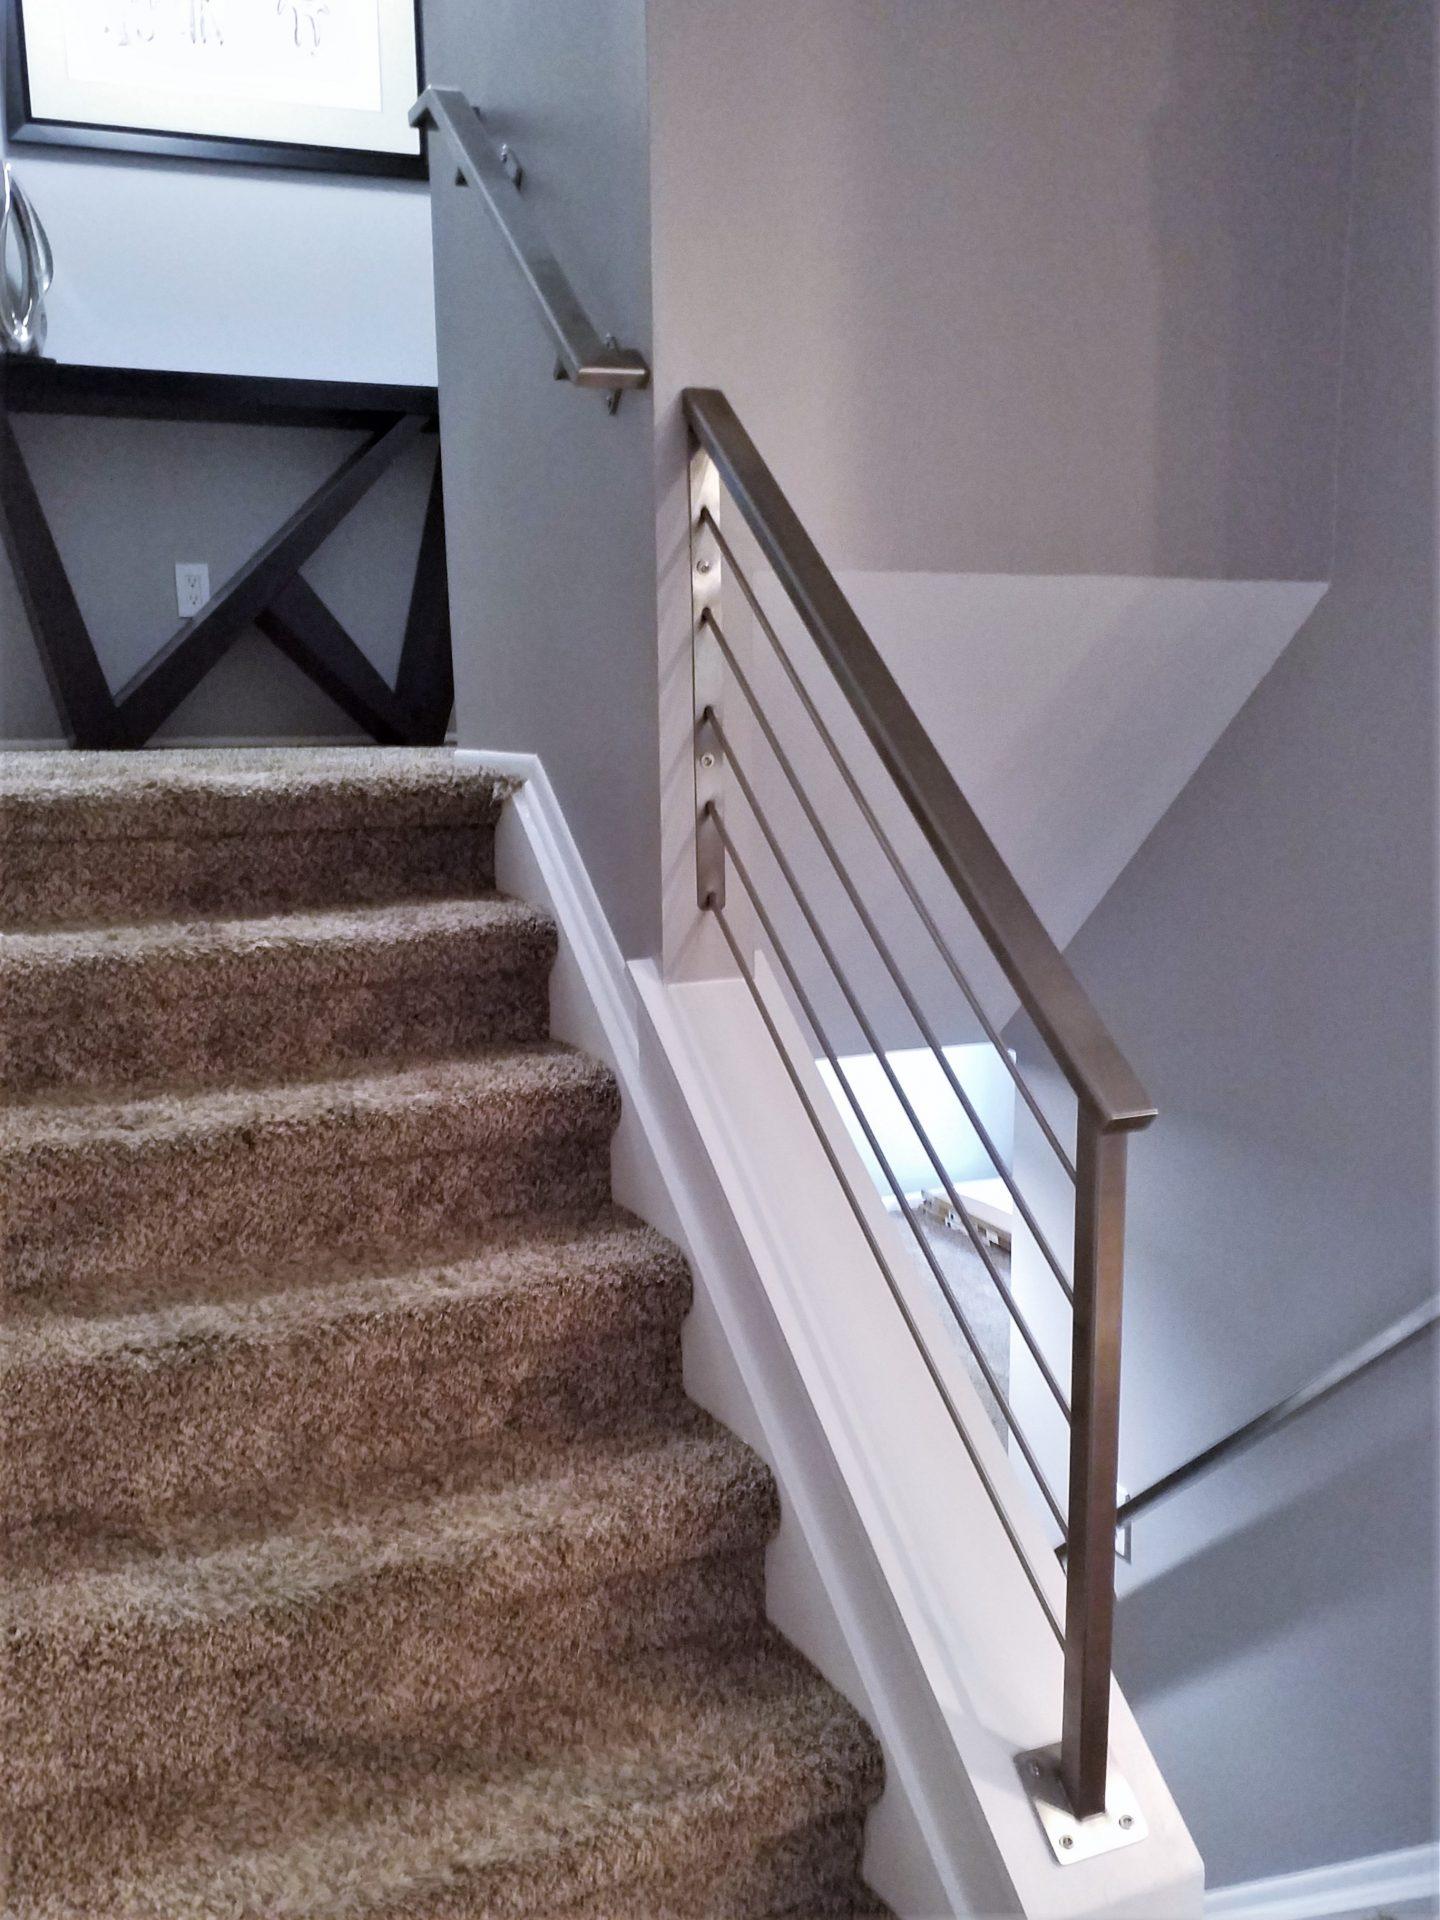 Stainless Steel Handrail Stair Railing - Great Lakes Metal ...